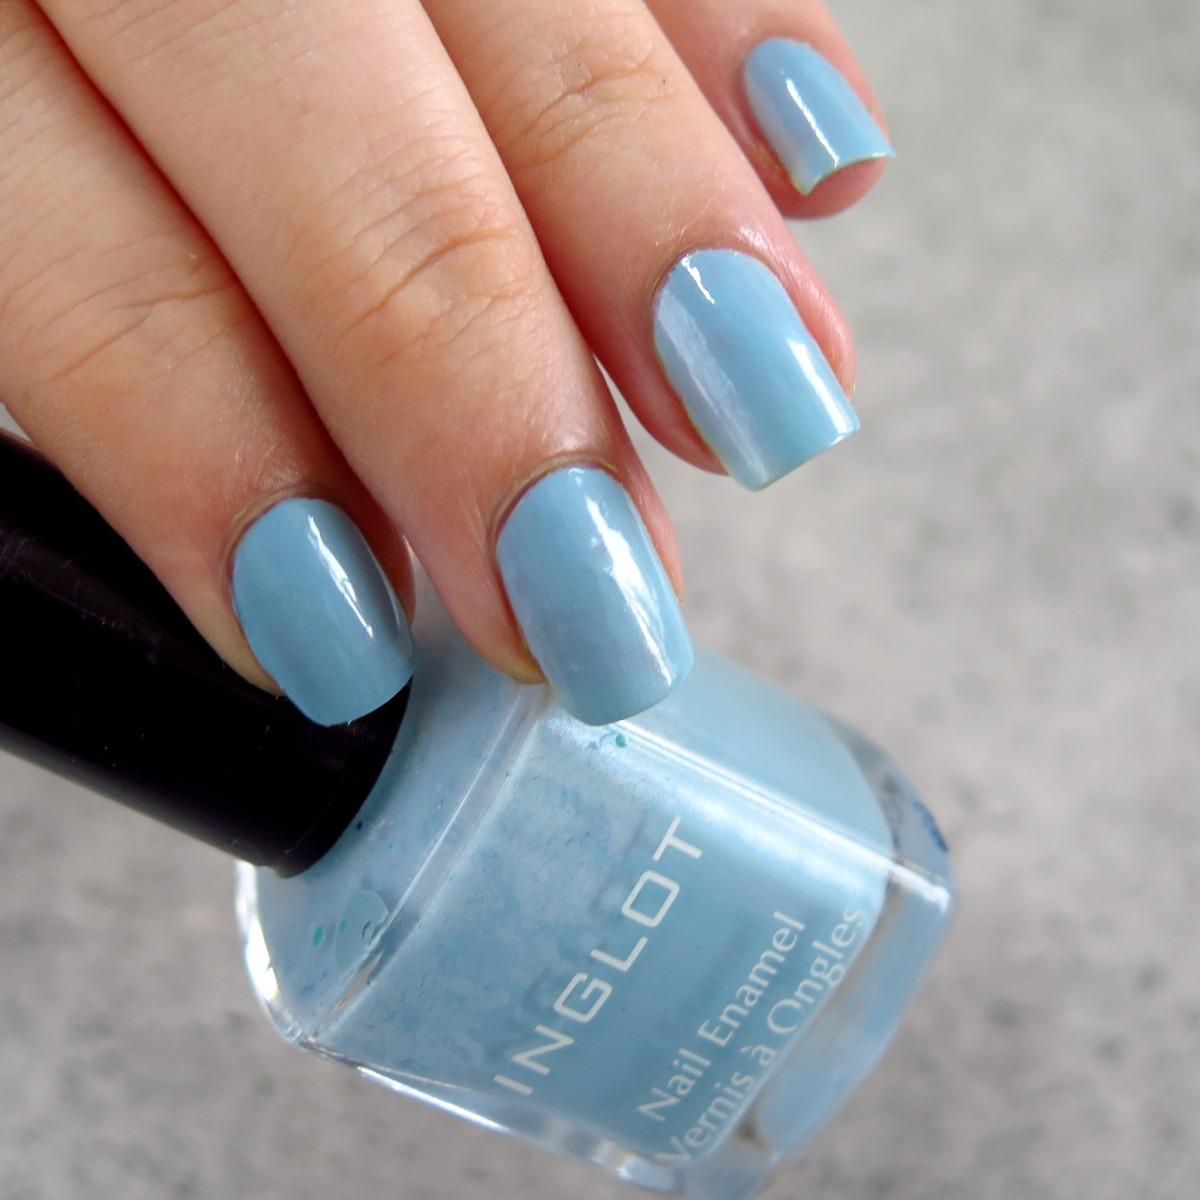 niebieski turkusowy lakier do paznokci inglot 397